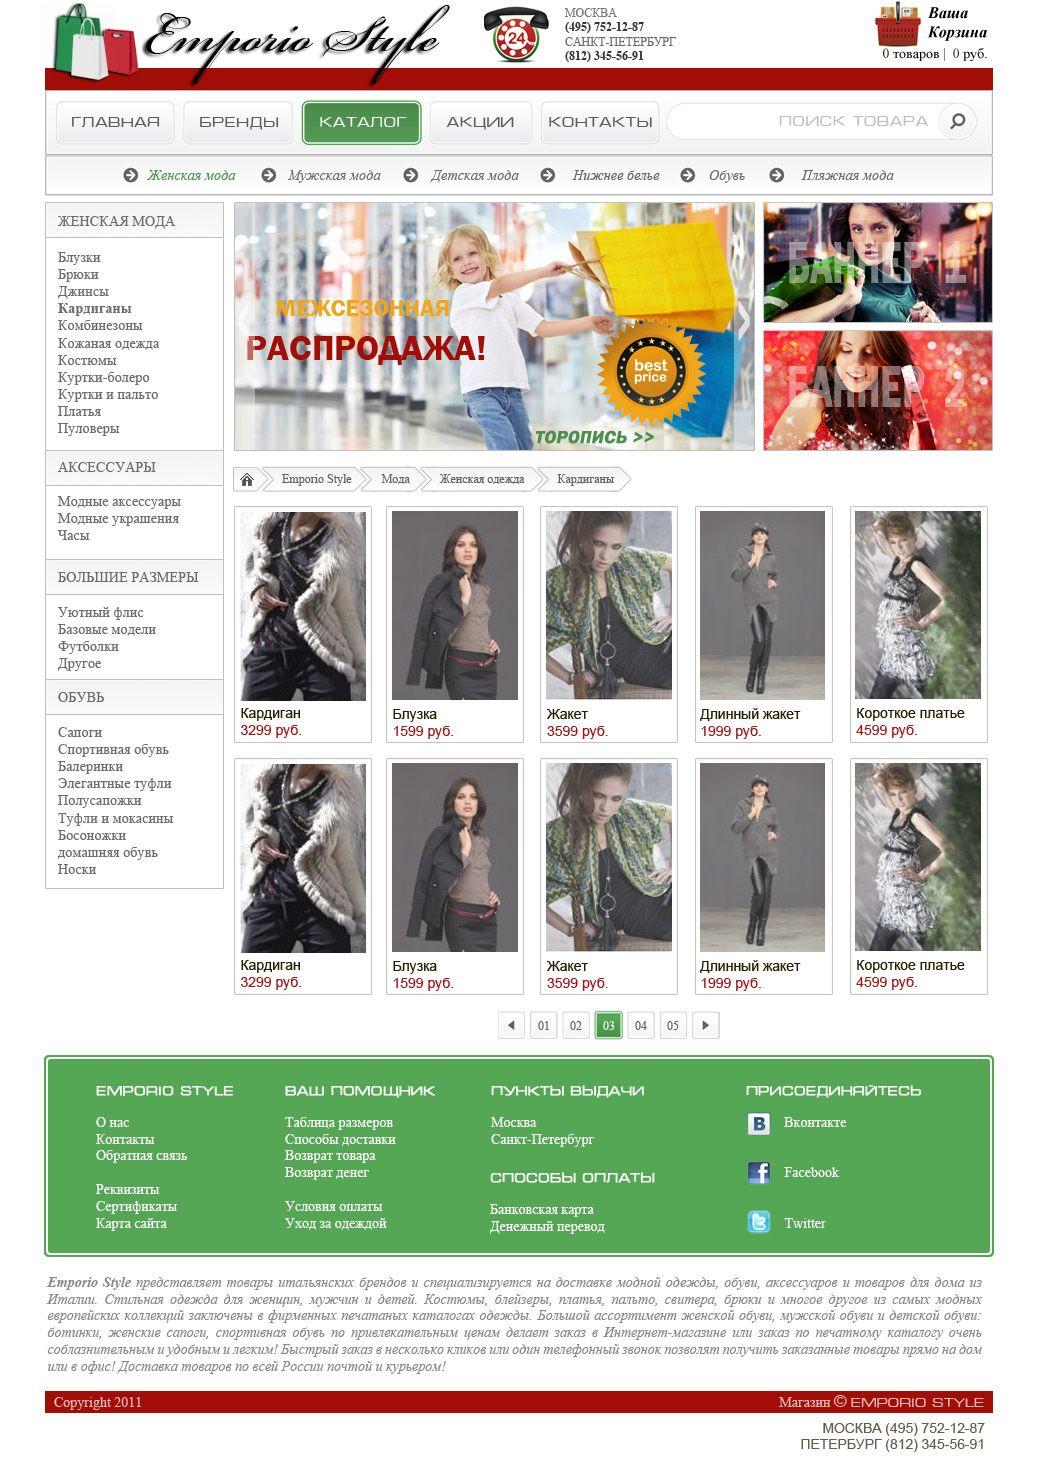 554454a5fc4 Дизайн-макет интернет-магазина женской одежды » TCSE разработка и ...